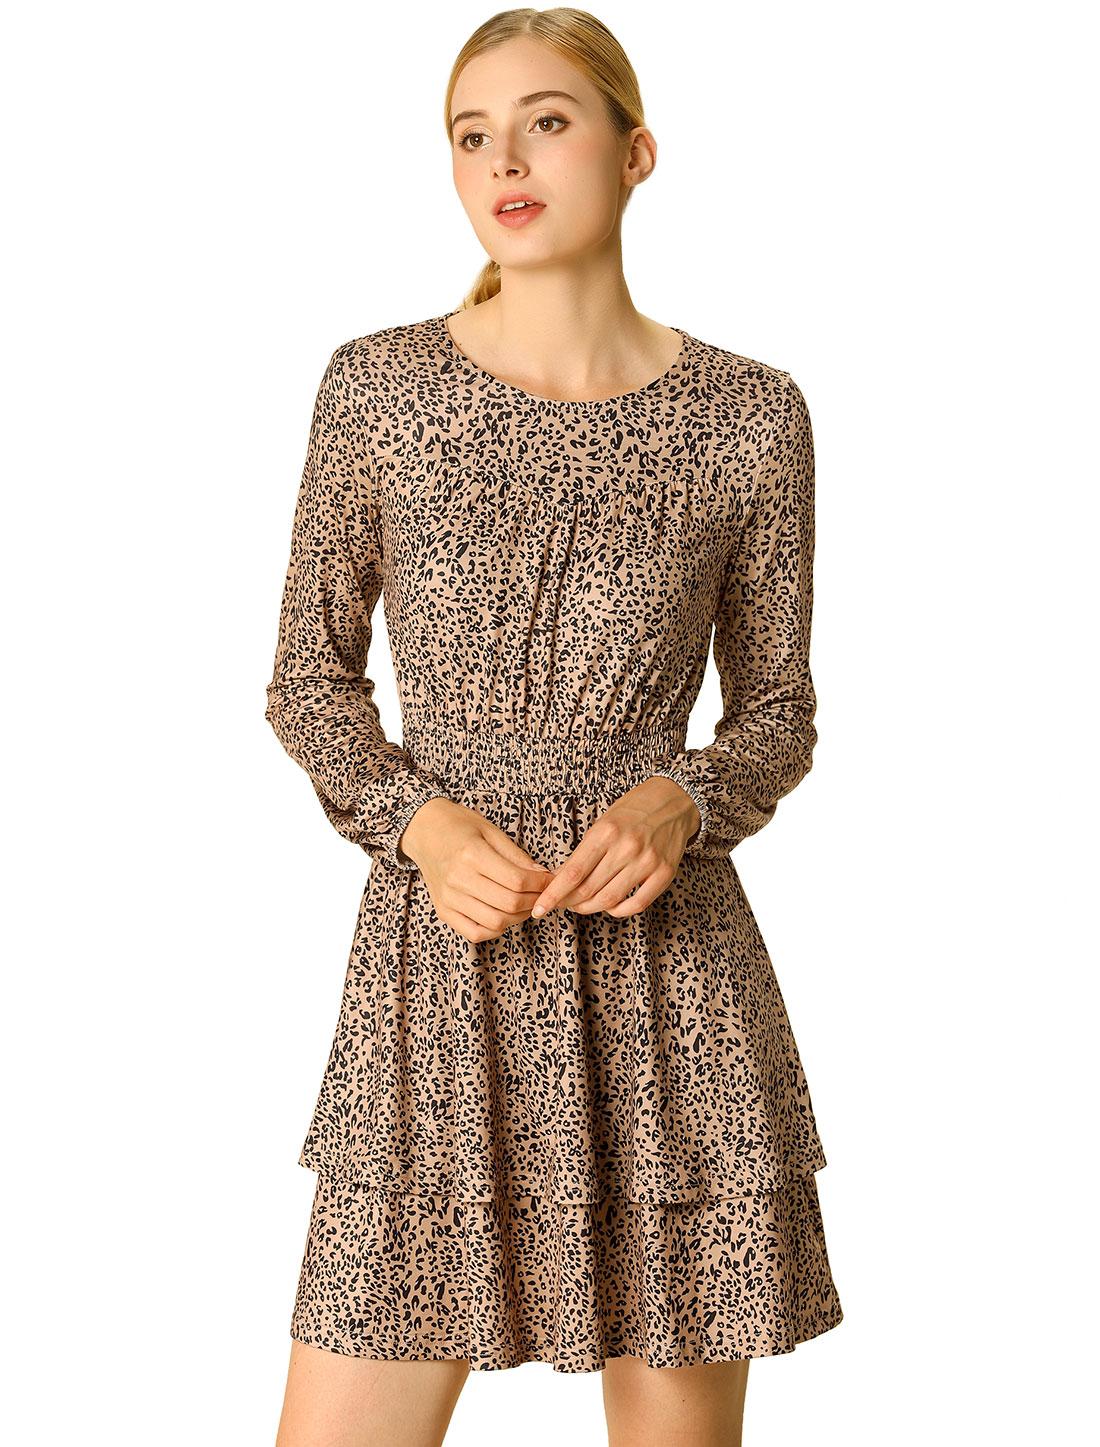 Women's Leopard Long Sleeve Layered Ruffle Hem Dress Light Brown XL